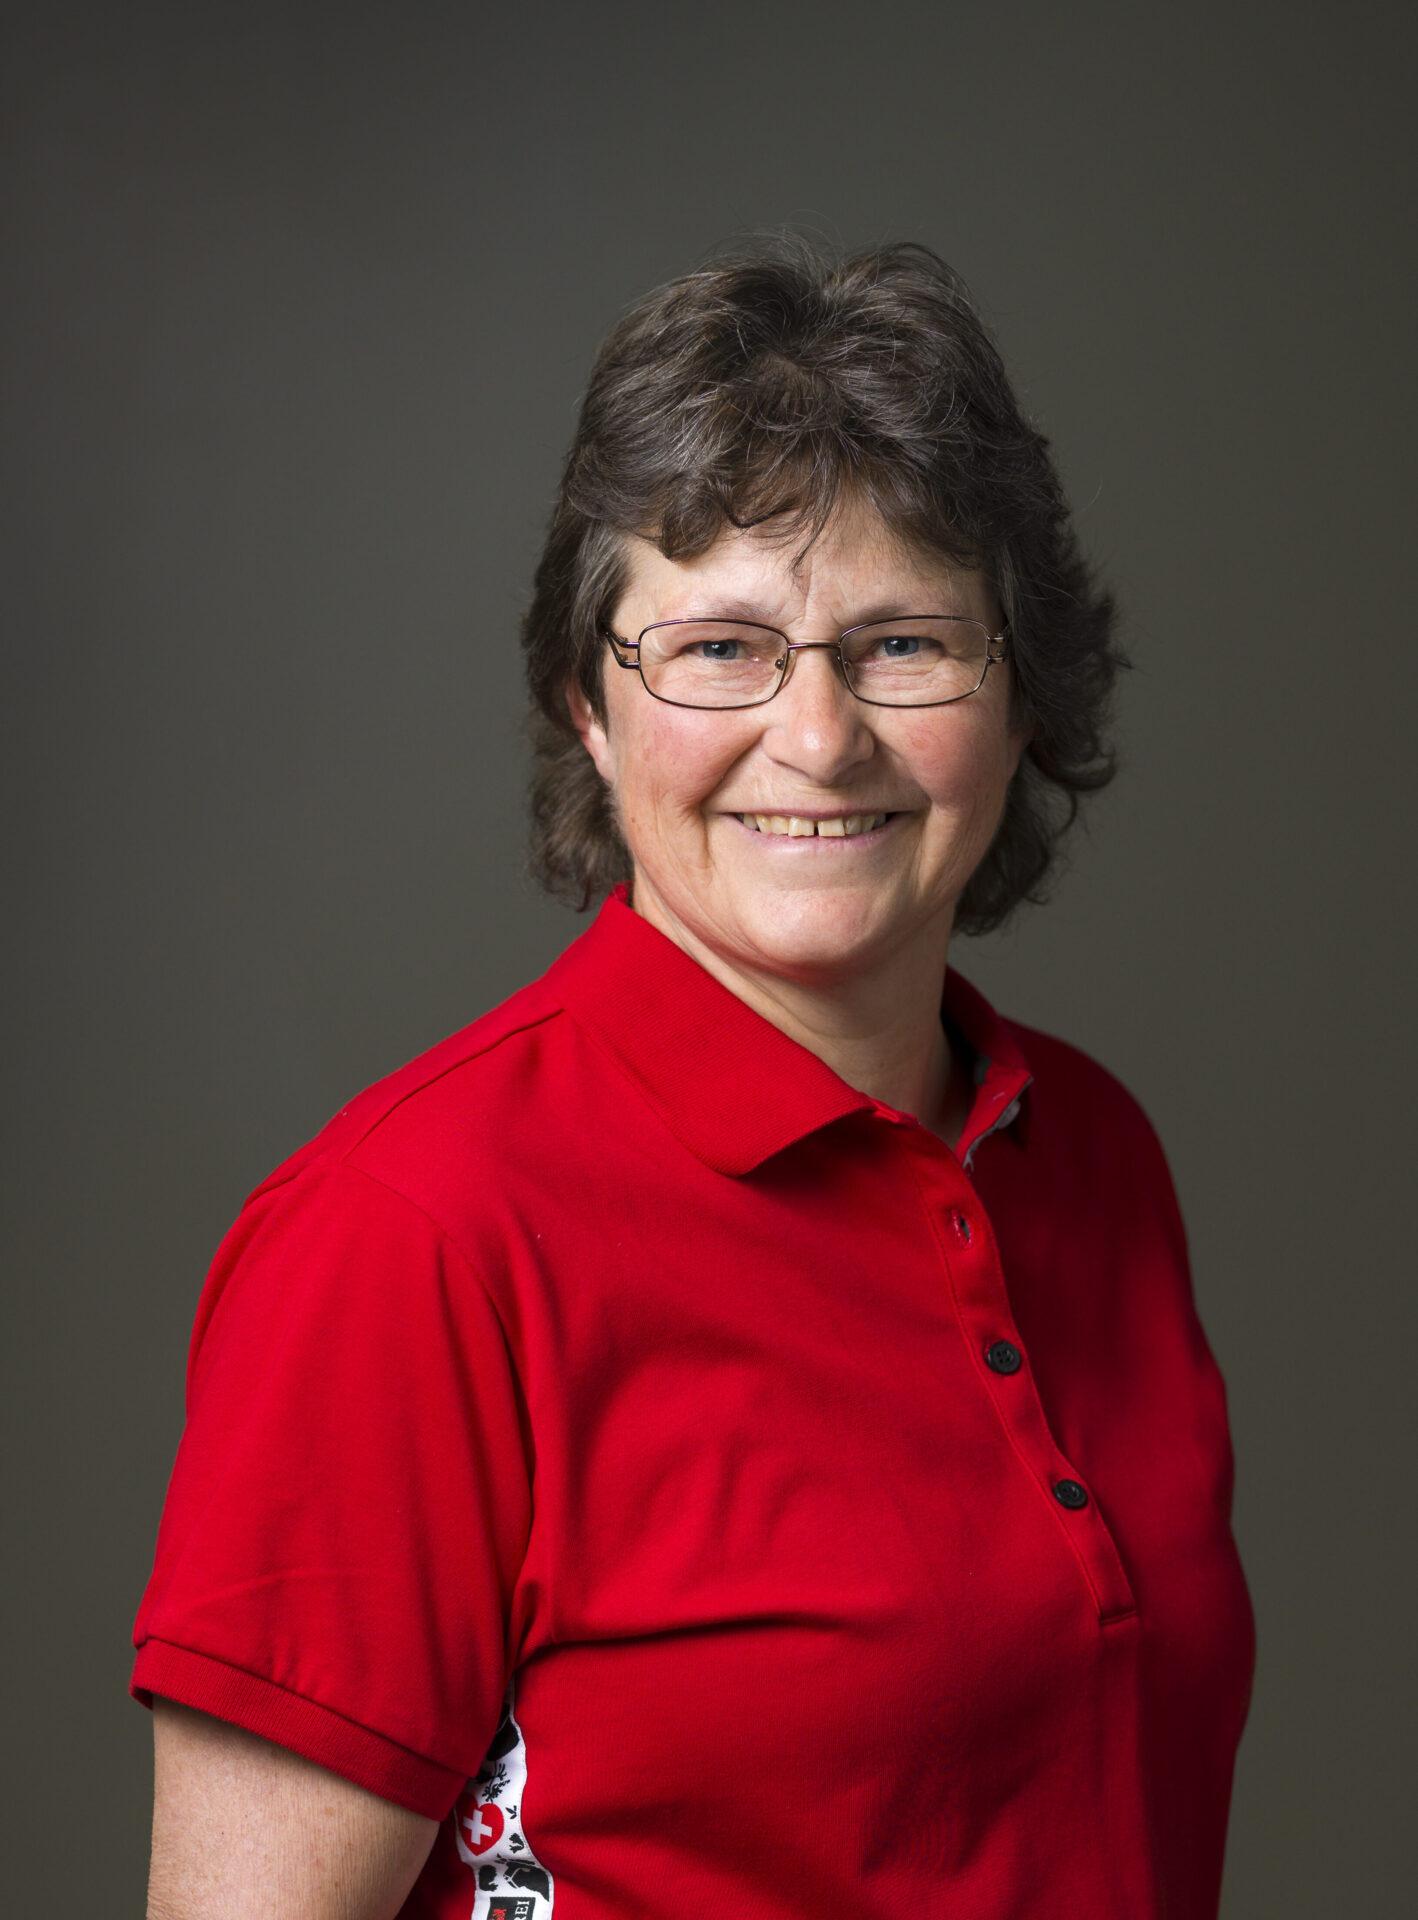 Trudi Schiess, Service